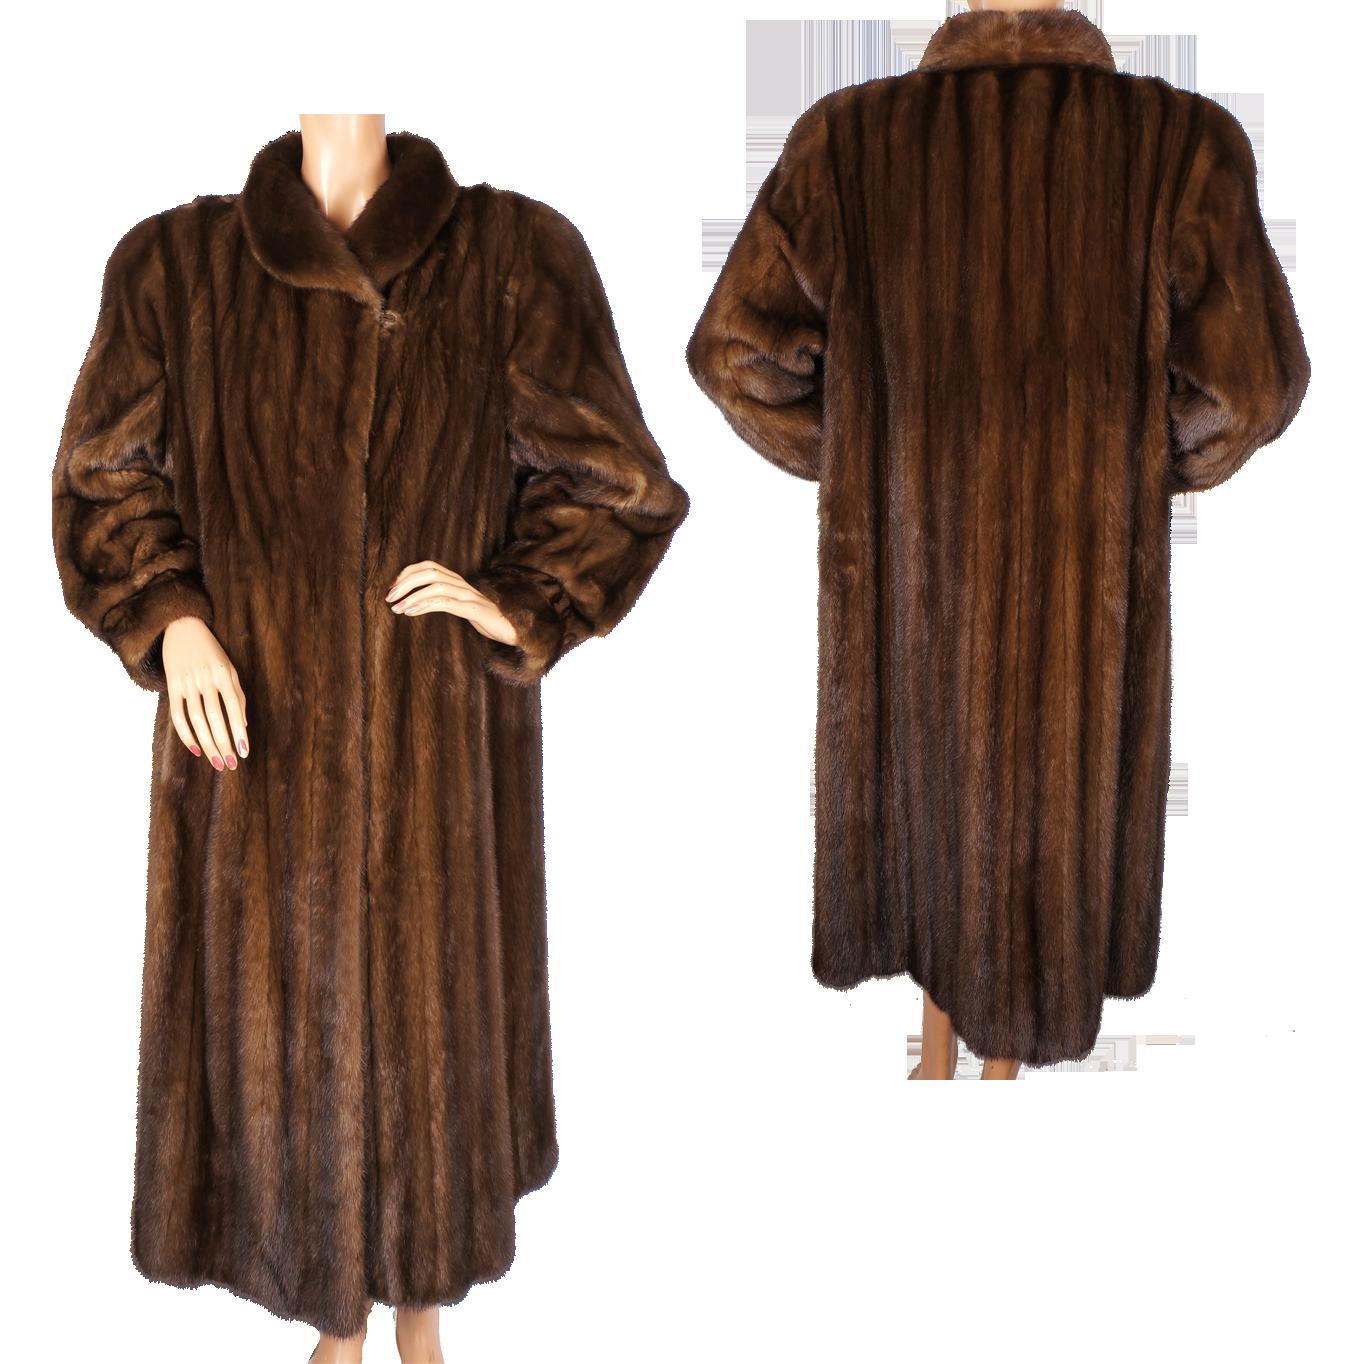 Vintage 1980s Christian Dior Mink Coat Scanbrown Female Pelts Size ...